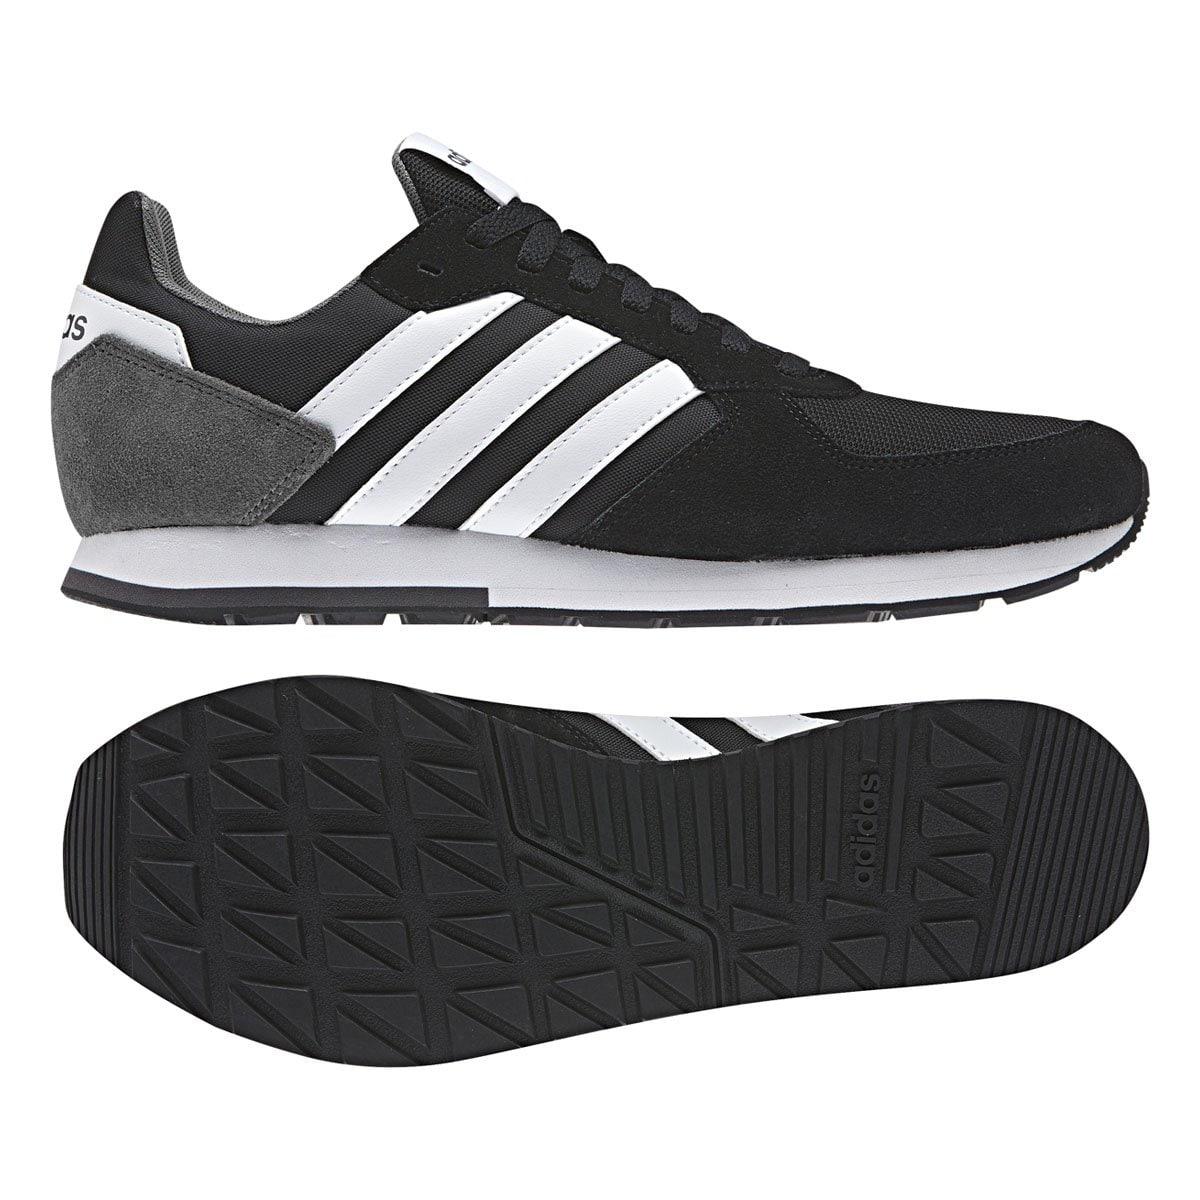 polla Cusco taller  tennis adidas running - Tienda Online de Zapatos, Ropa y Complementos de  marca